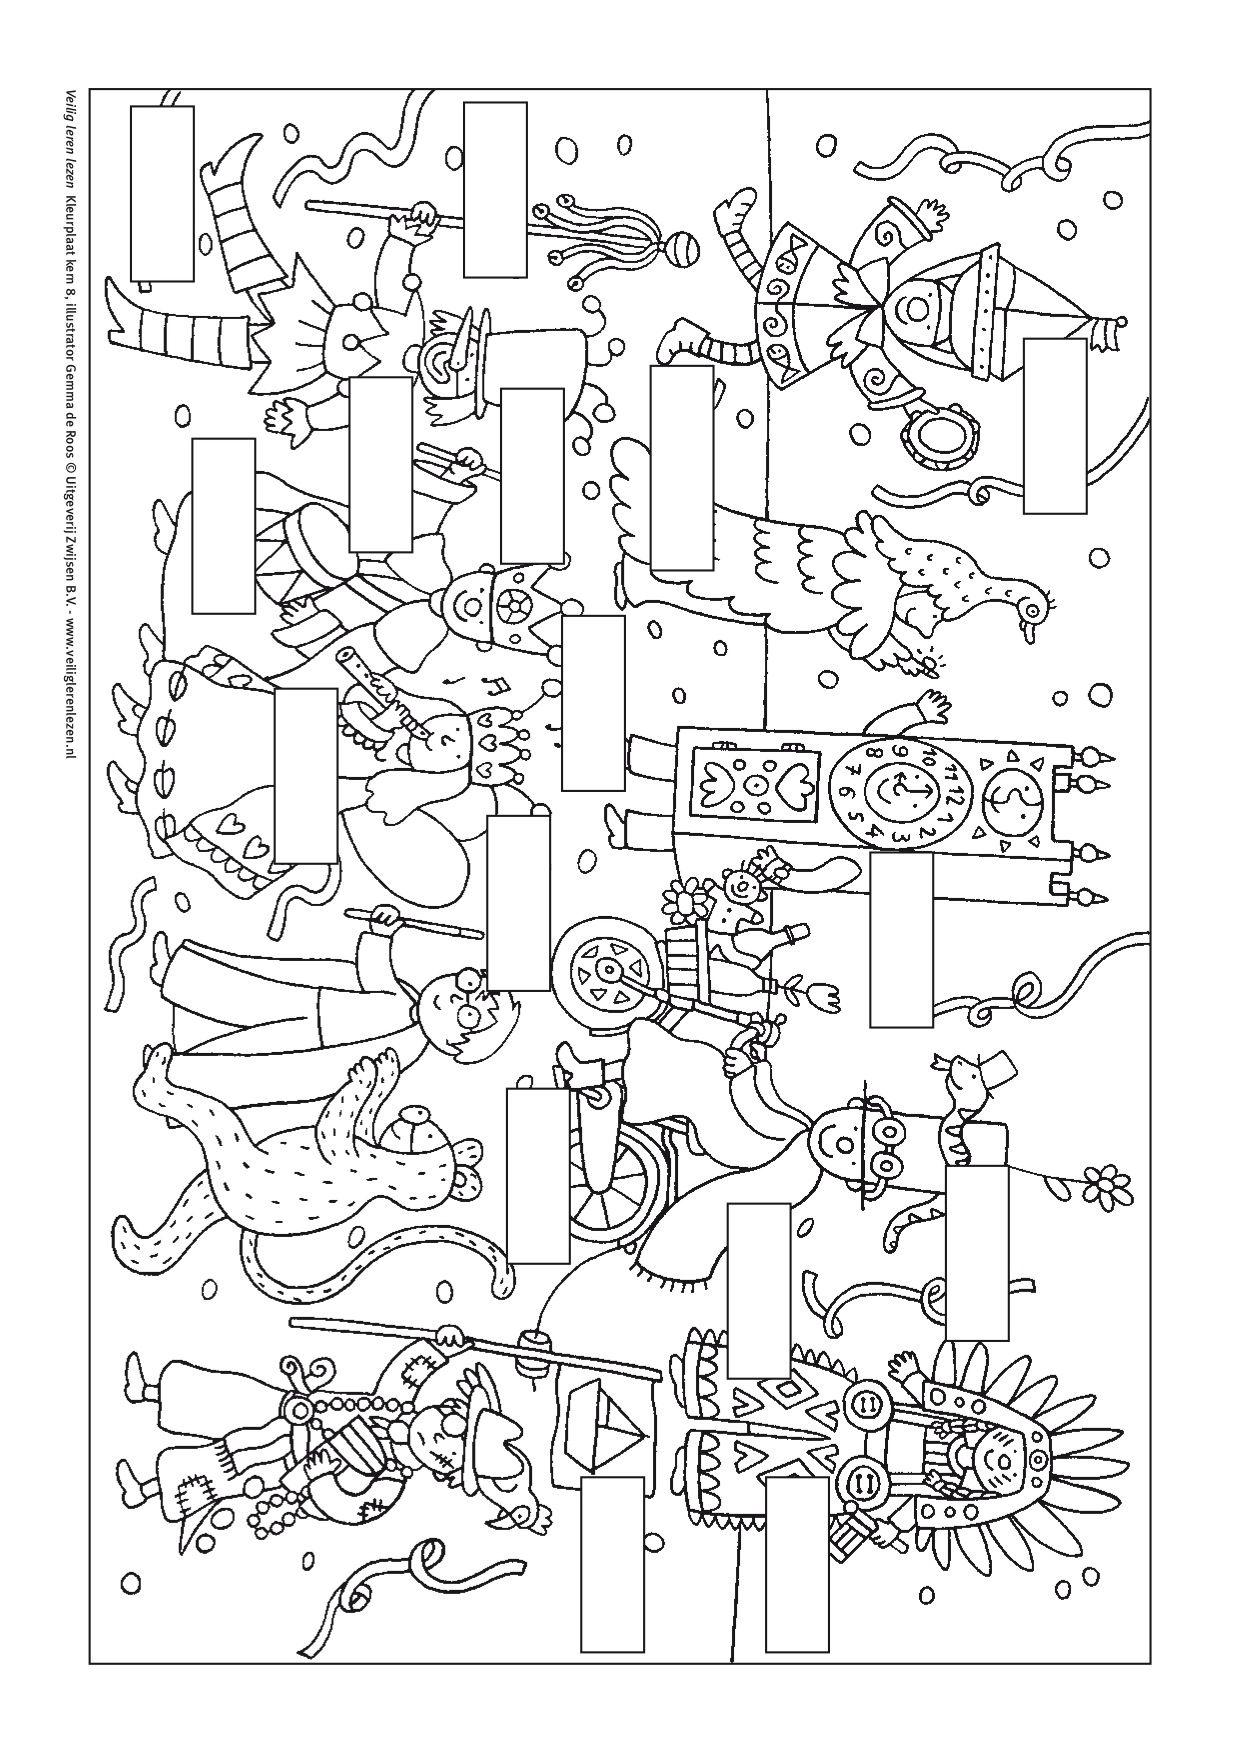 kleurplaat kern 8 met opdracht veilig leren lezen